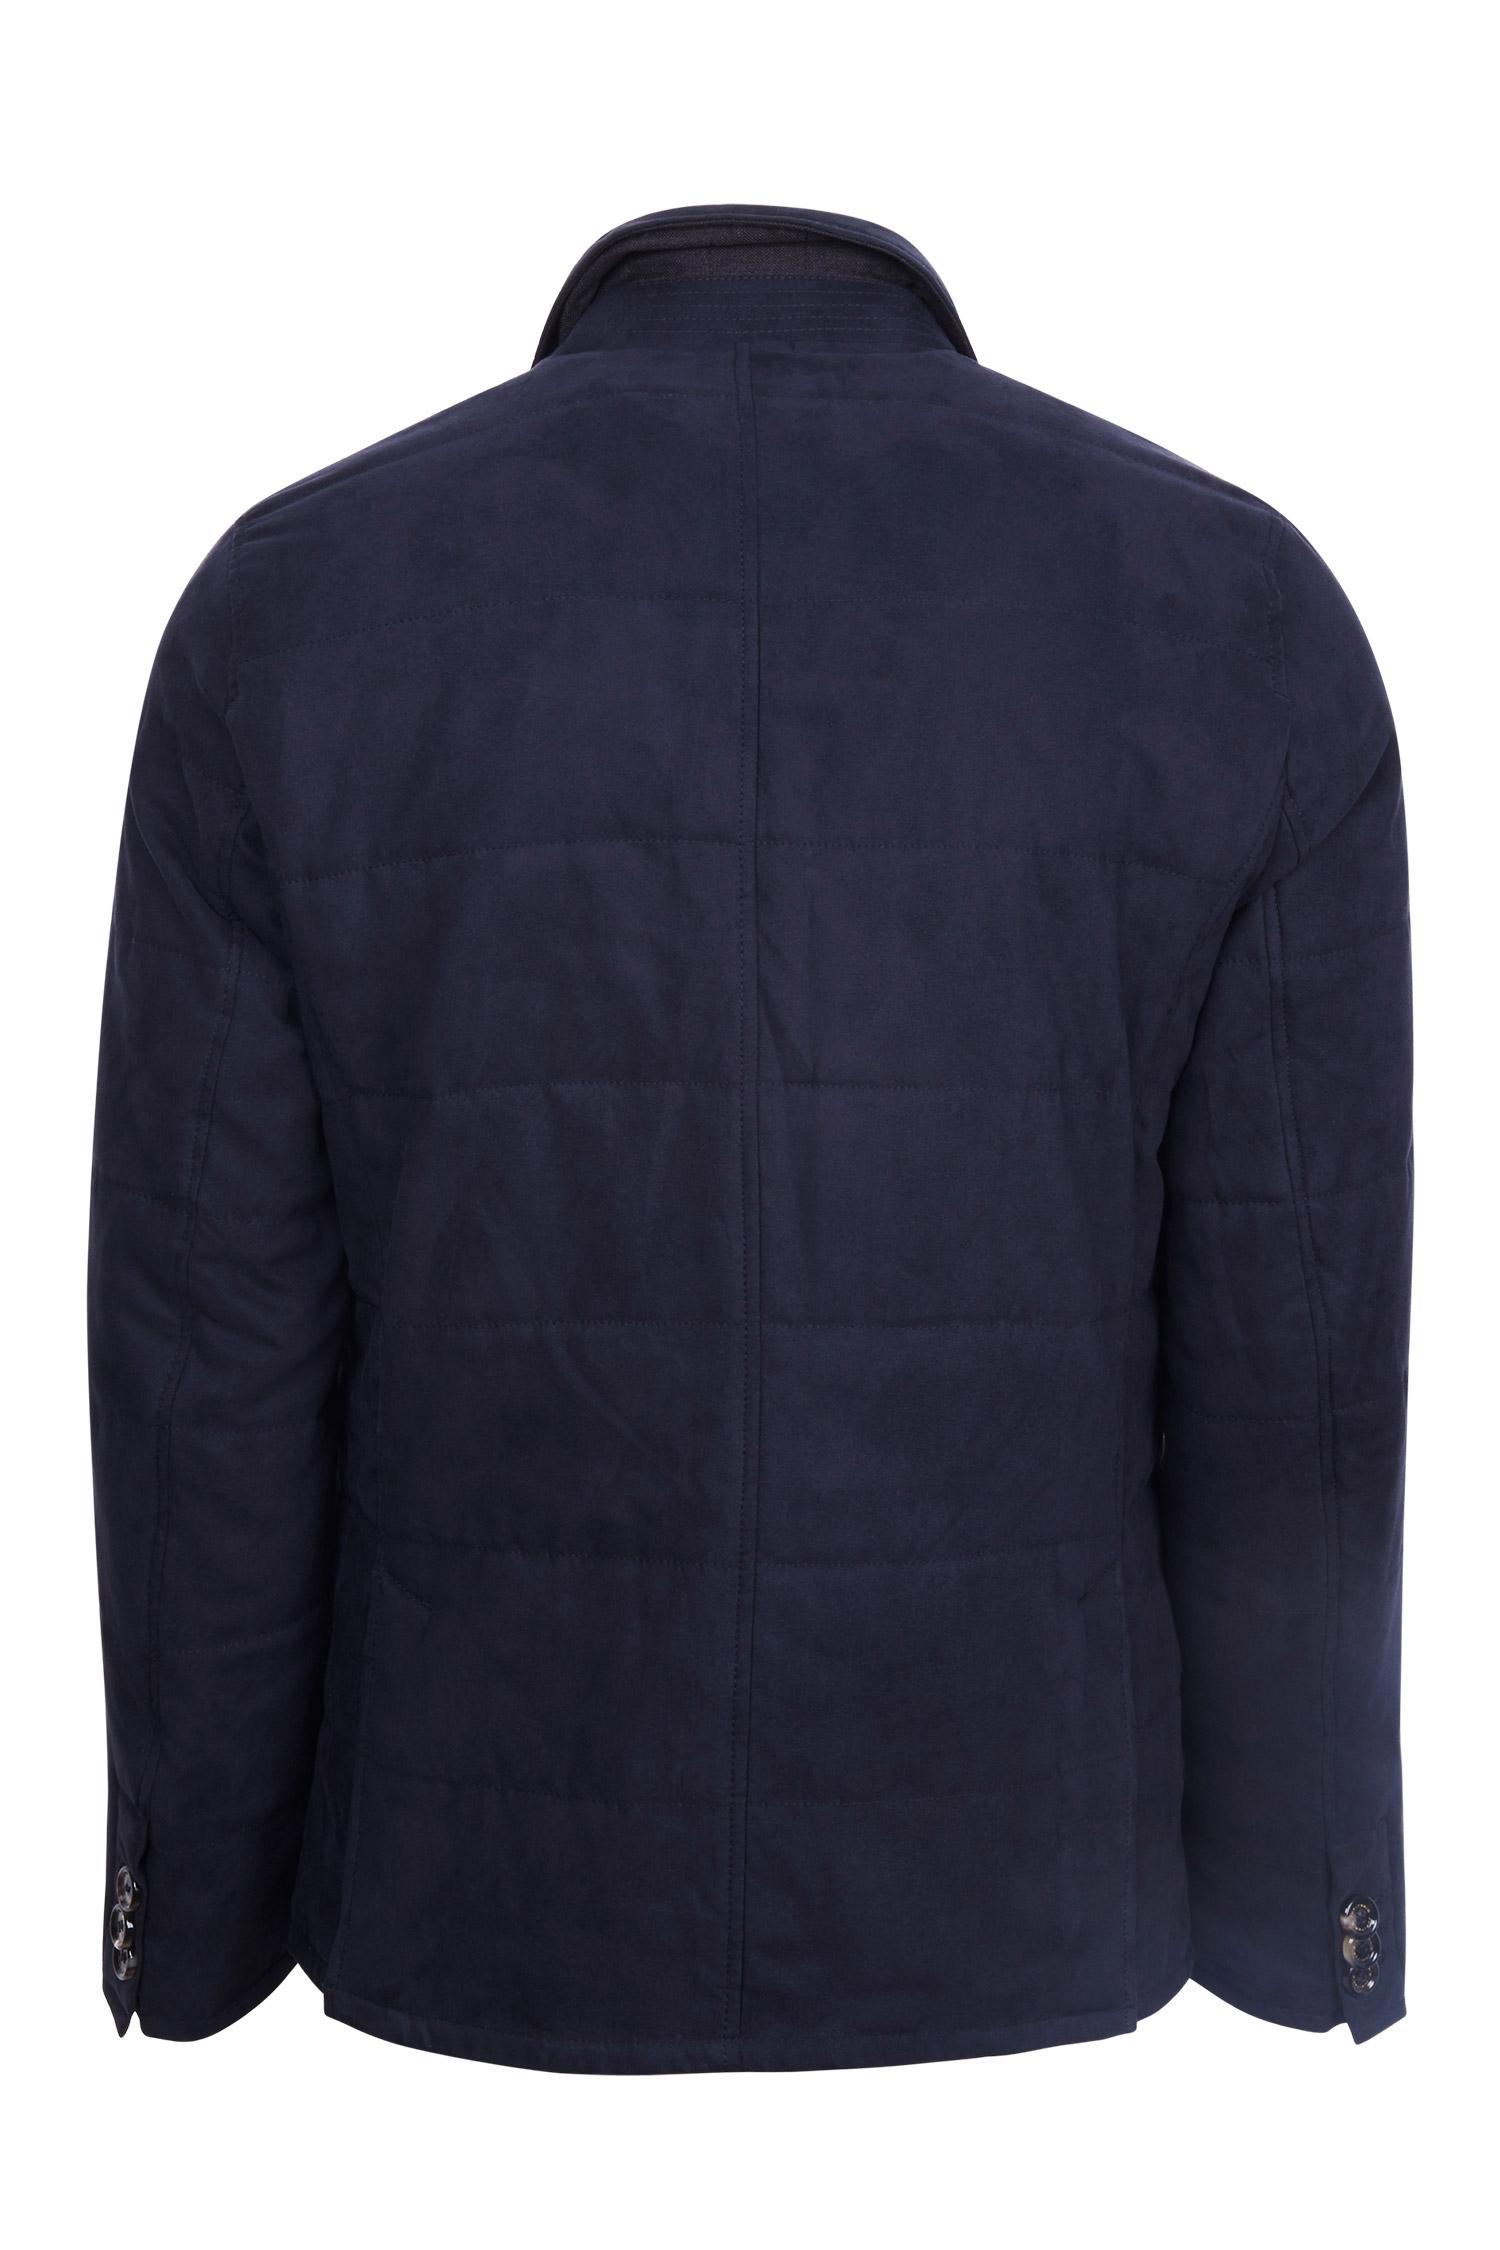 Abrigo, Chaquetones y Piel, 108784, MARINO | Zoom